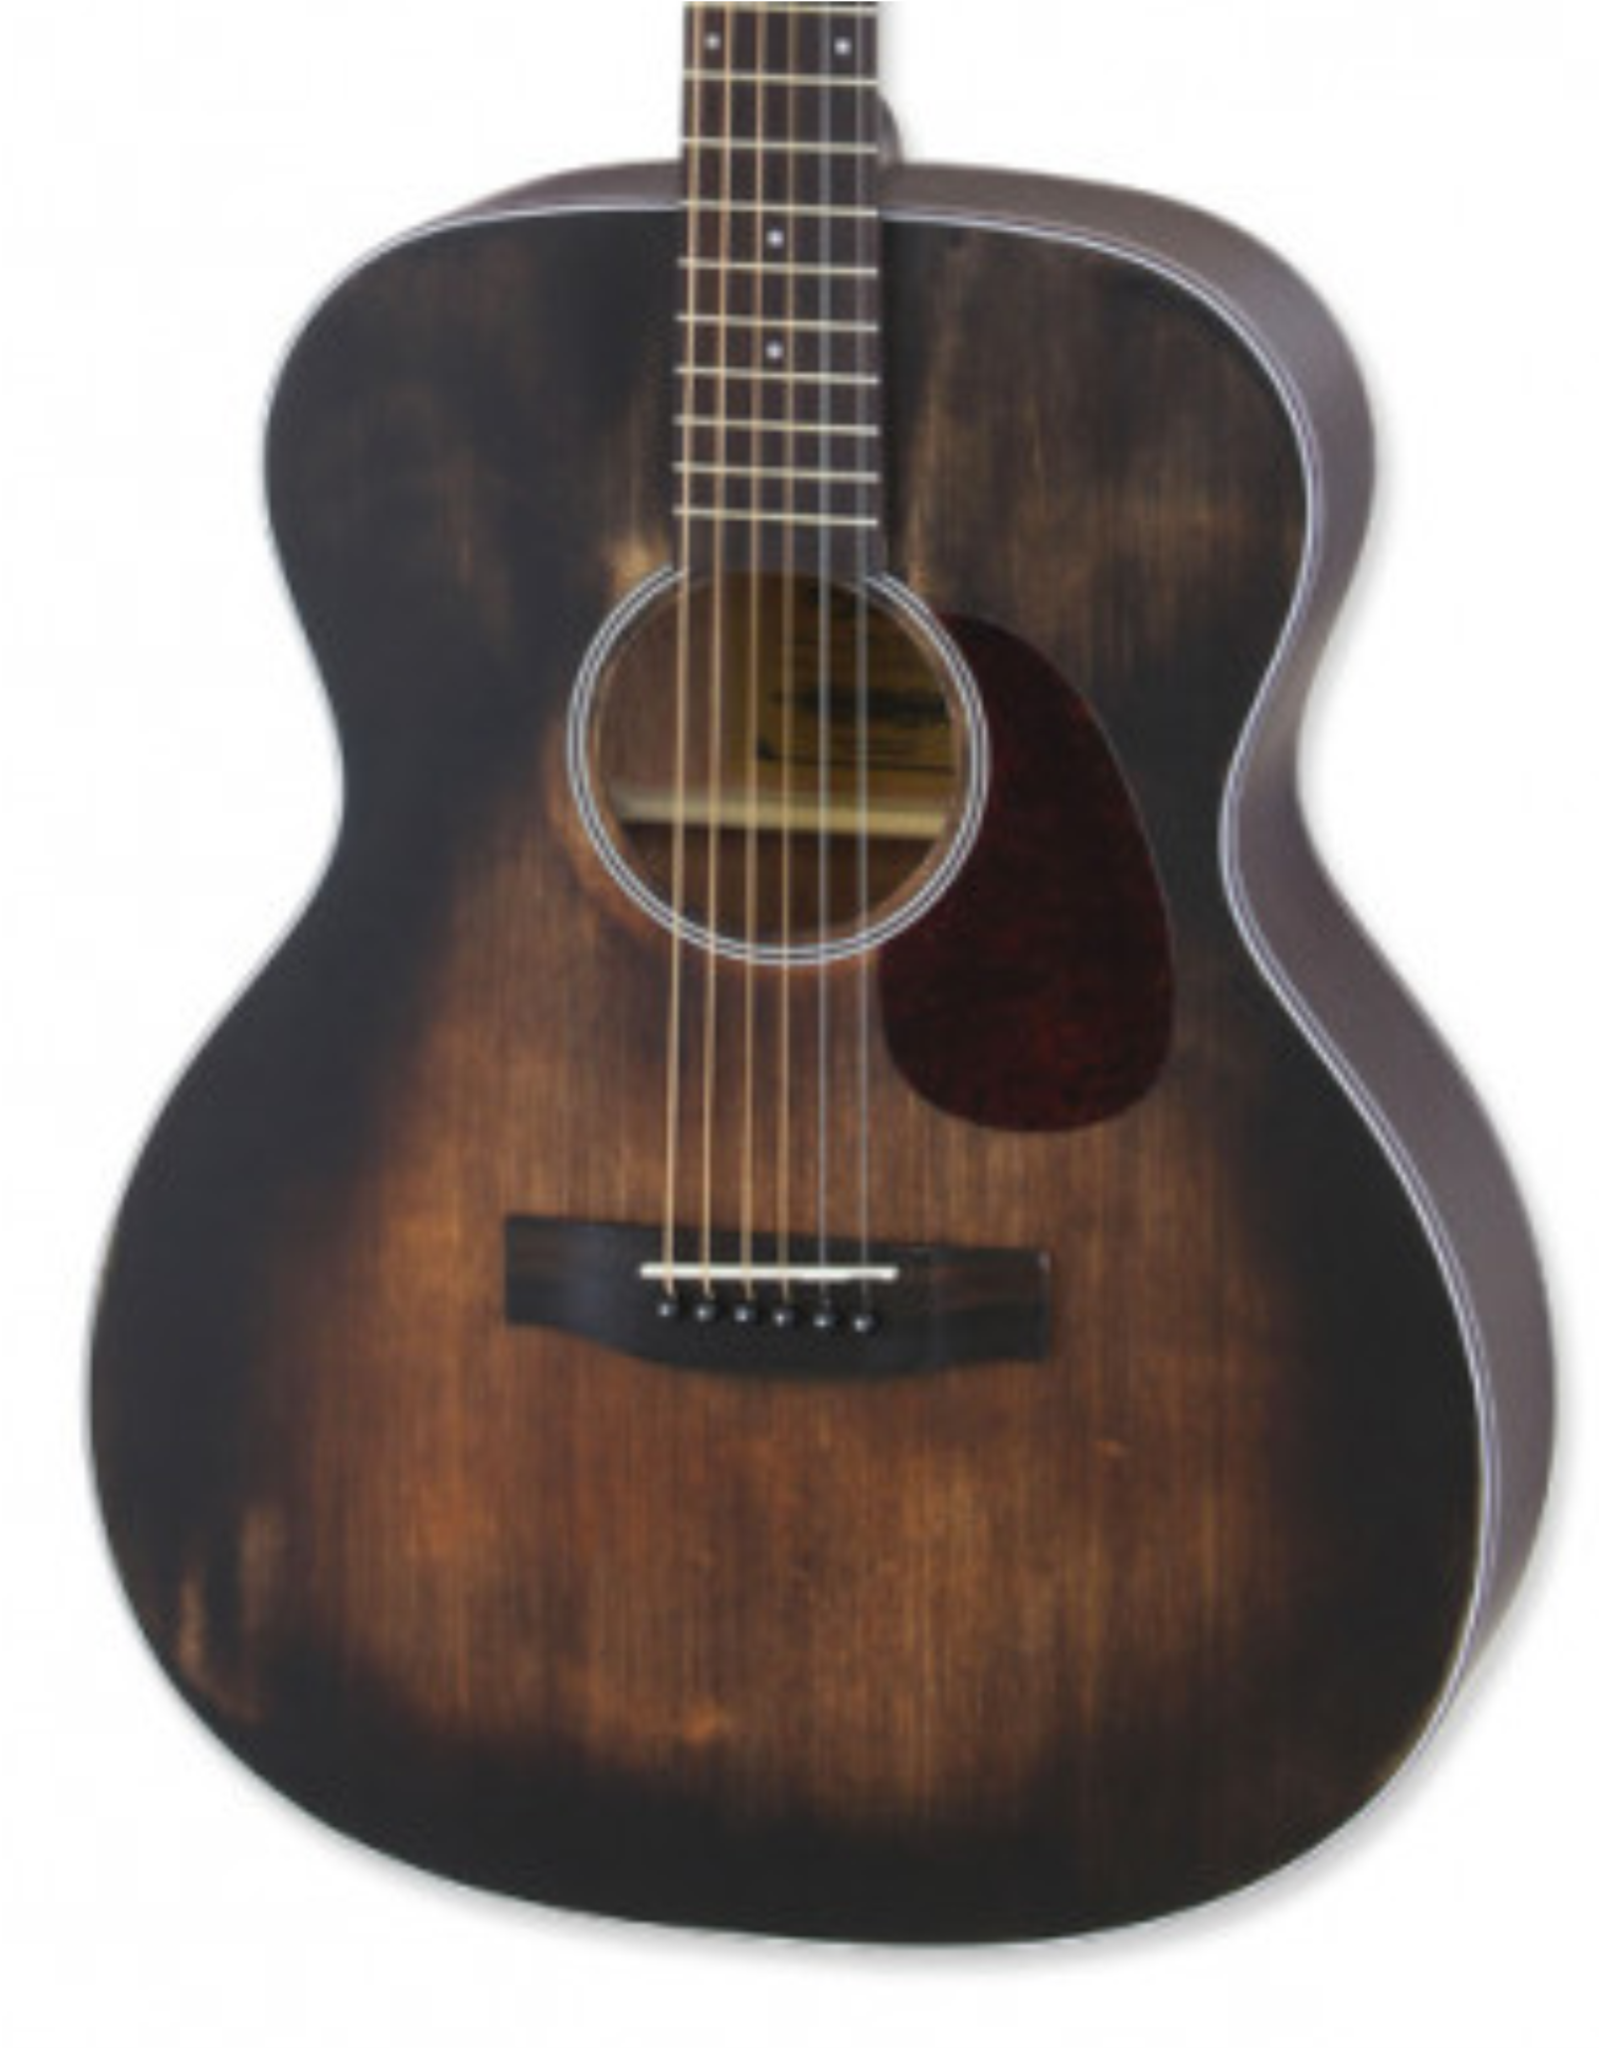 Aria Aria Acoustic Guitar Muddy Brown ARIA-101DP MUBR